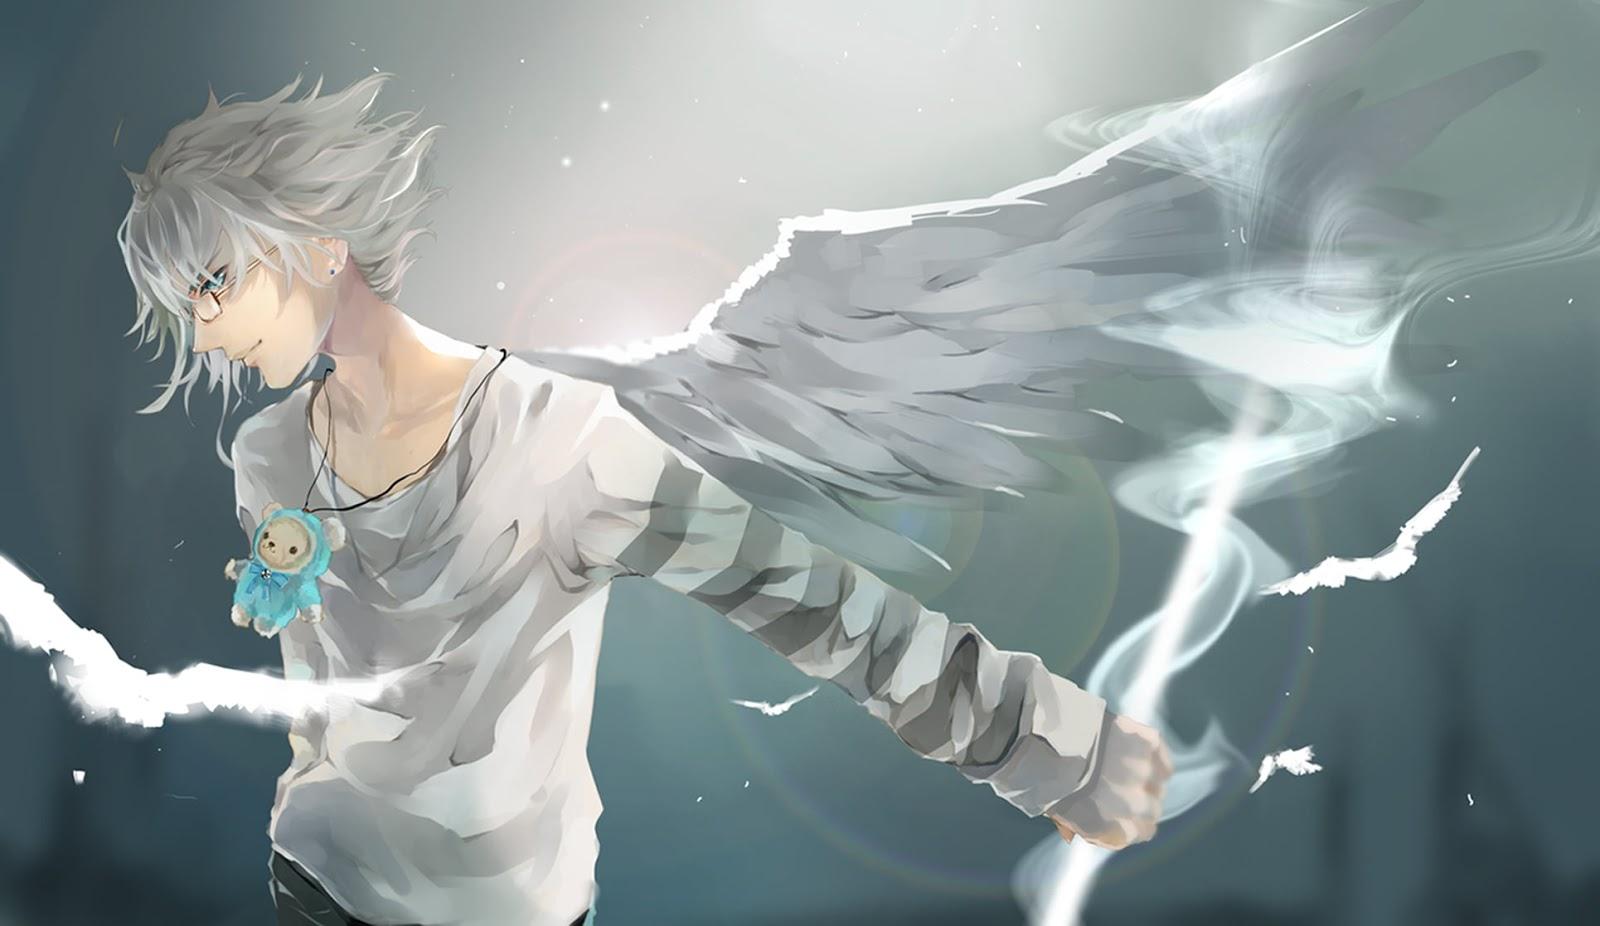 Hình ảnh nam lạnh lùng anime cánh chim trắng